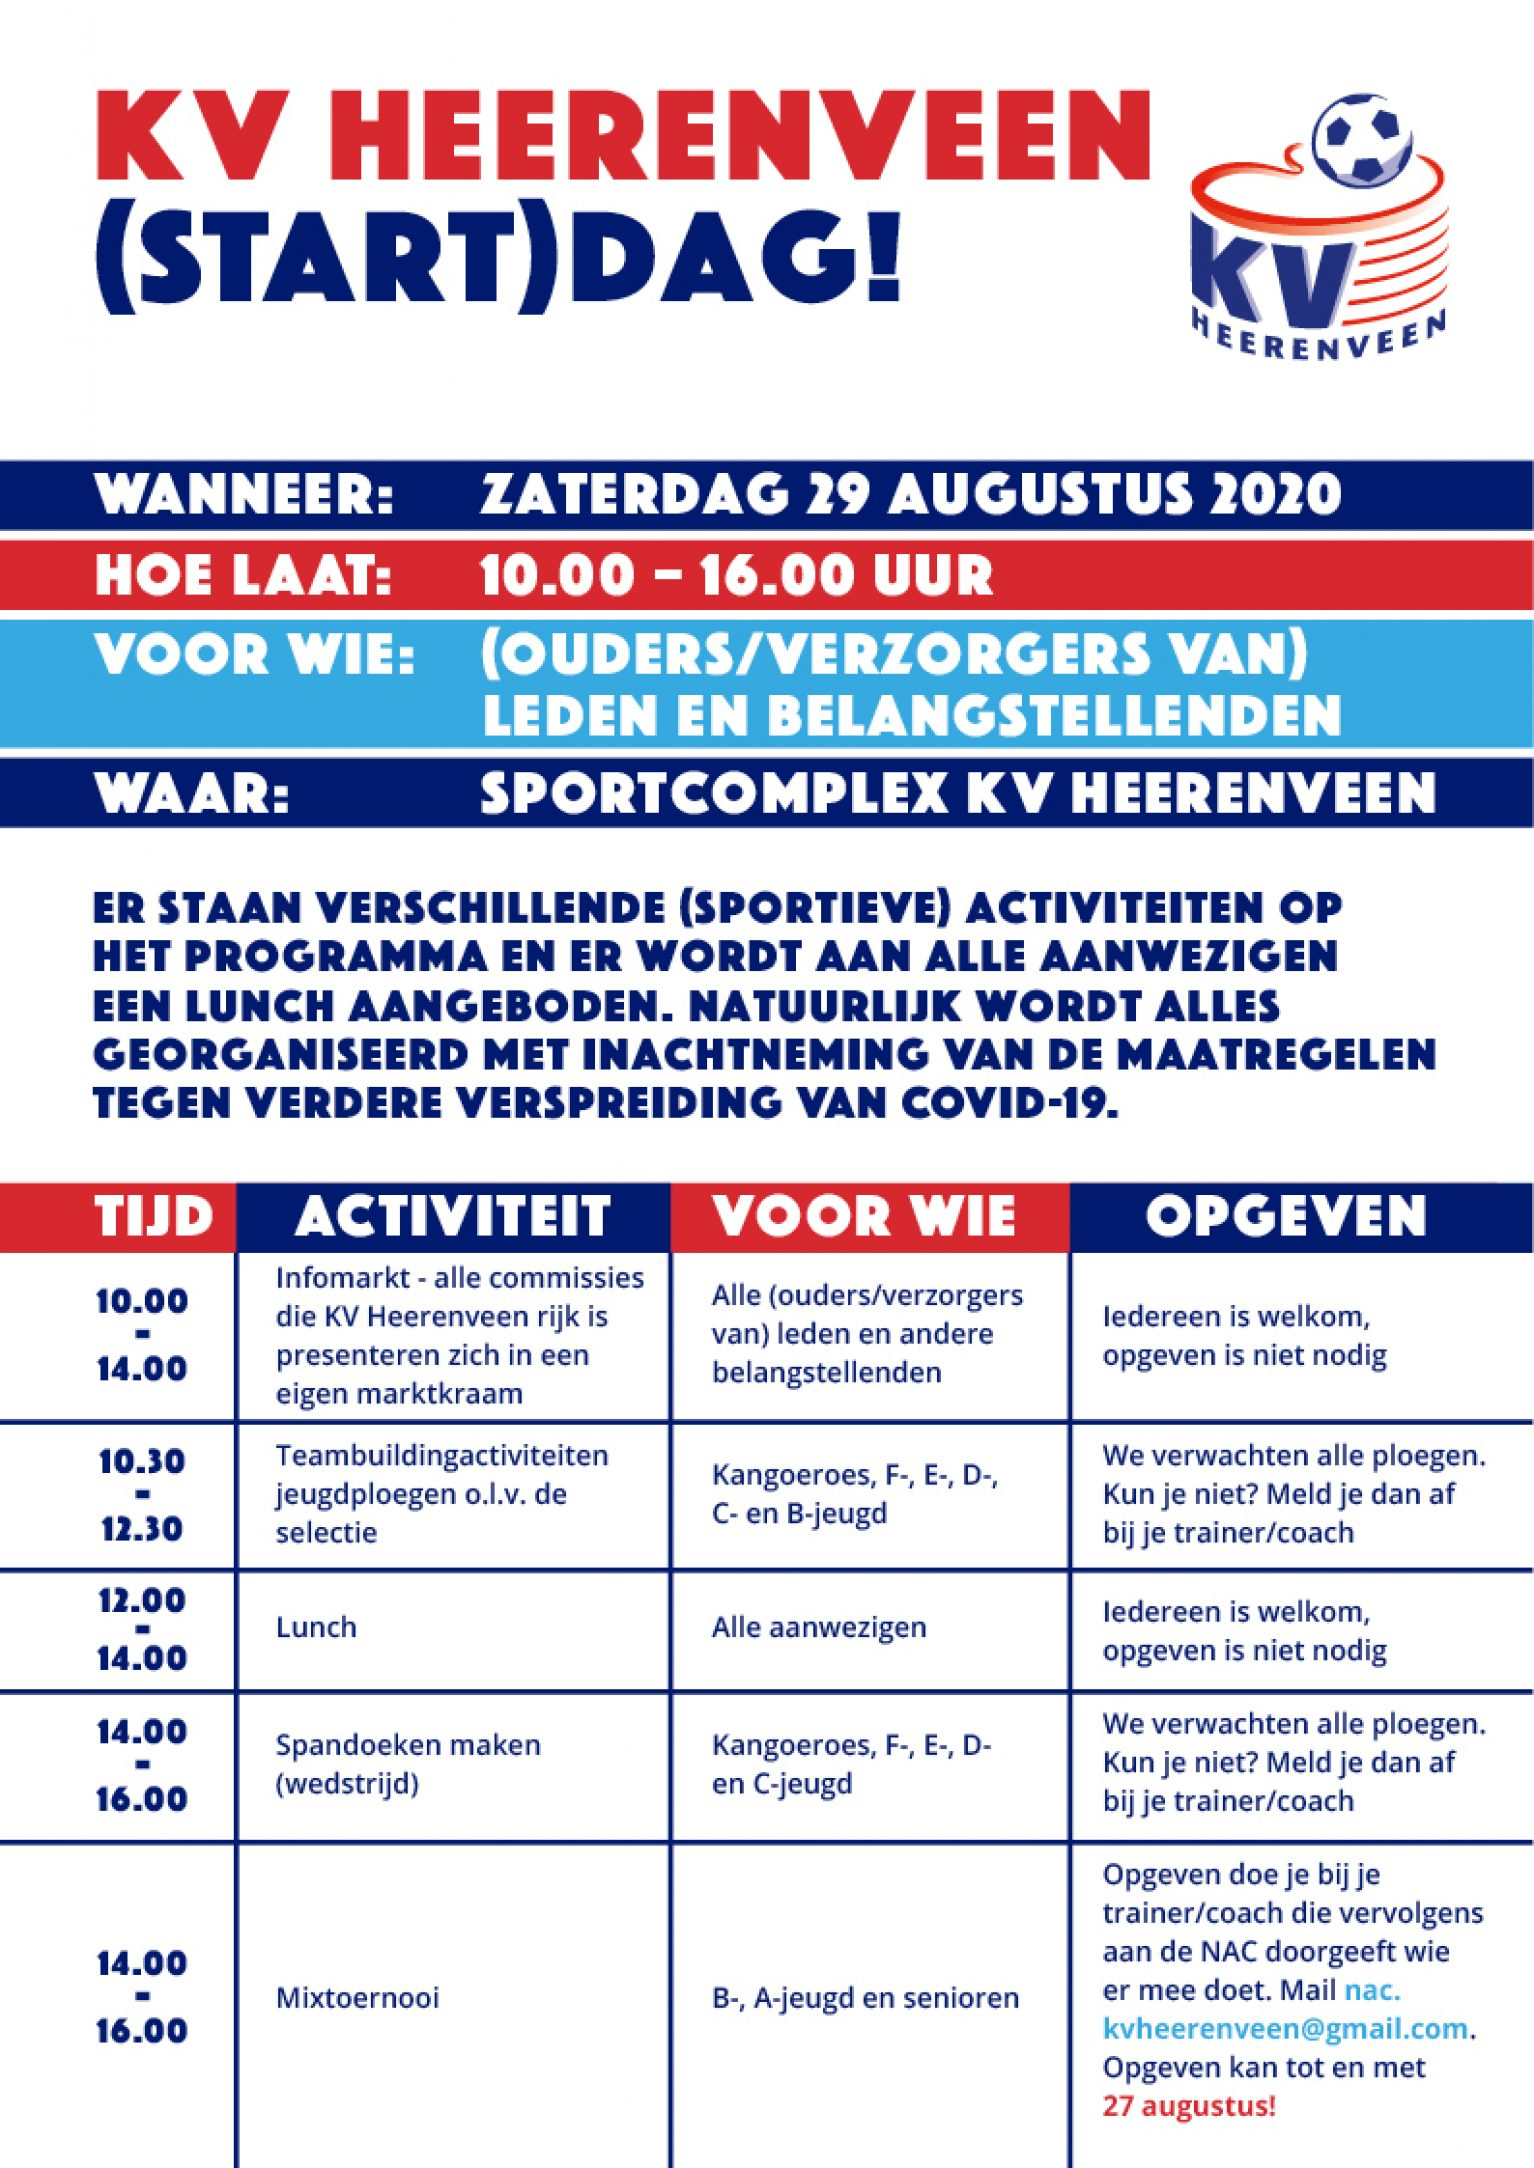 KV Heerenveen (start)dag - KV Heerenveen